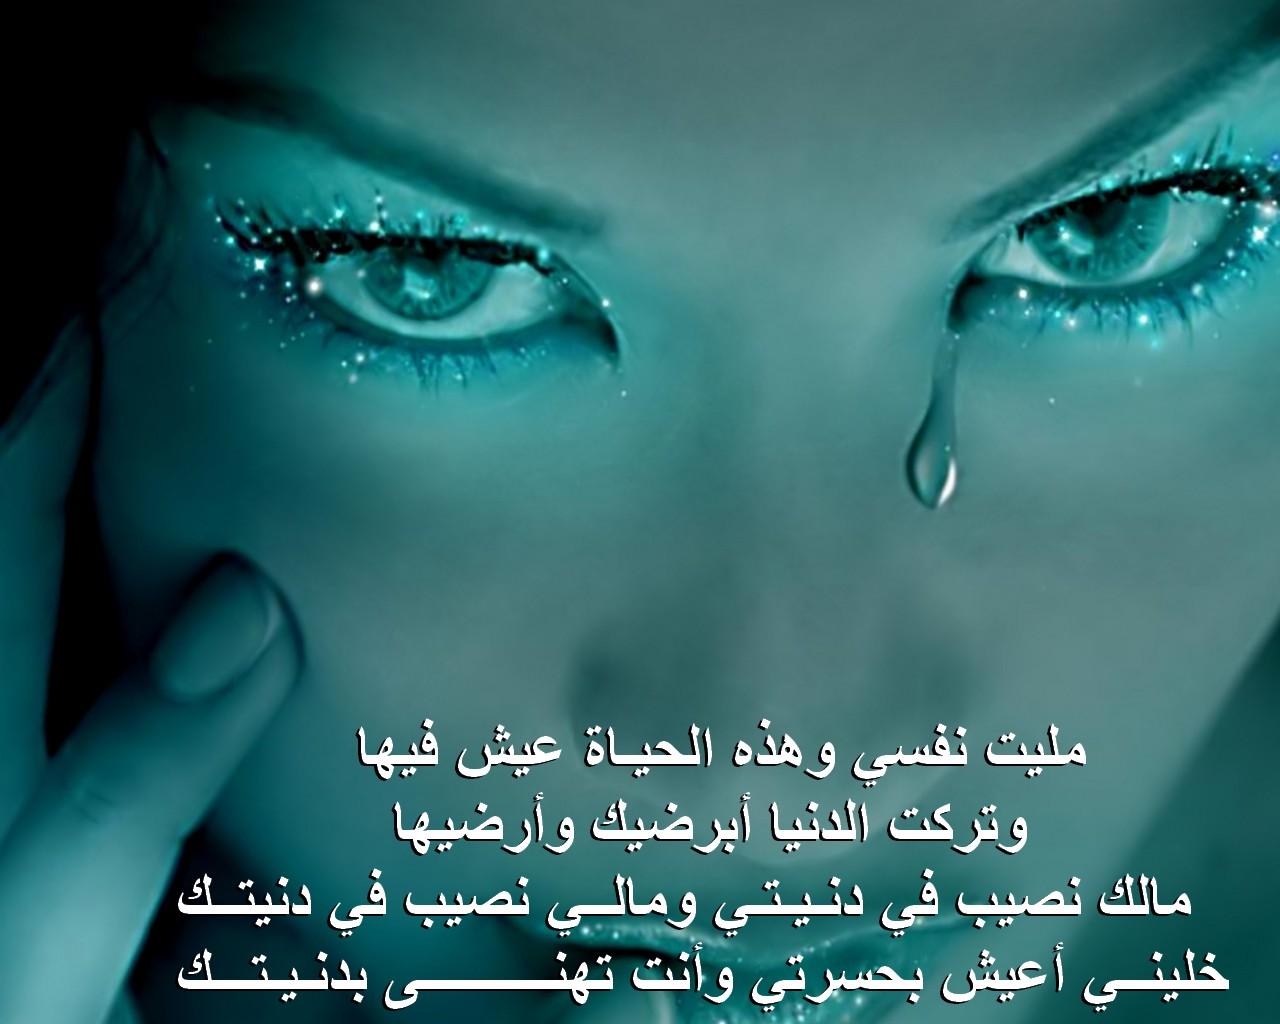 صورة حالات حزن وفراق , معبرة جدا عن الحزن